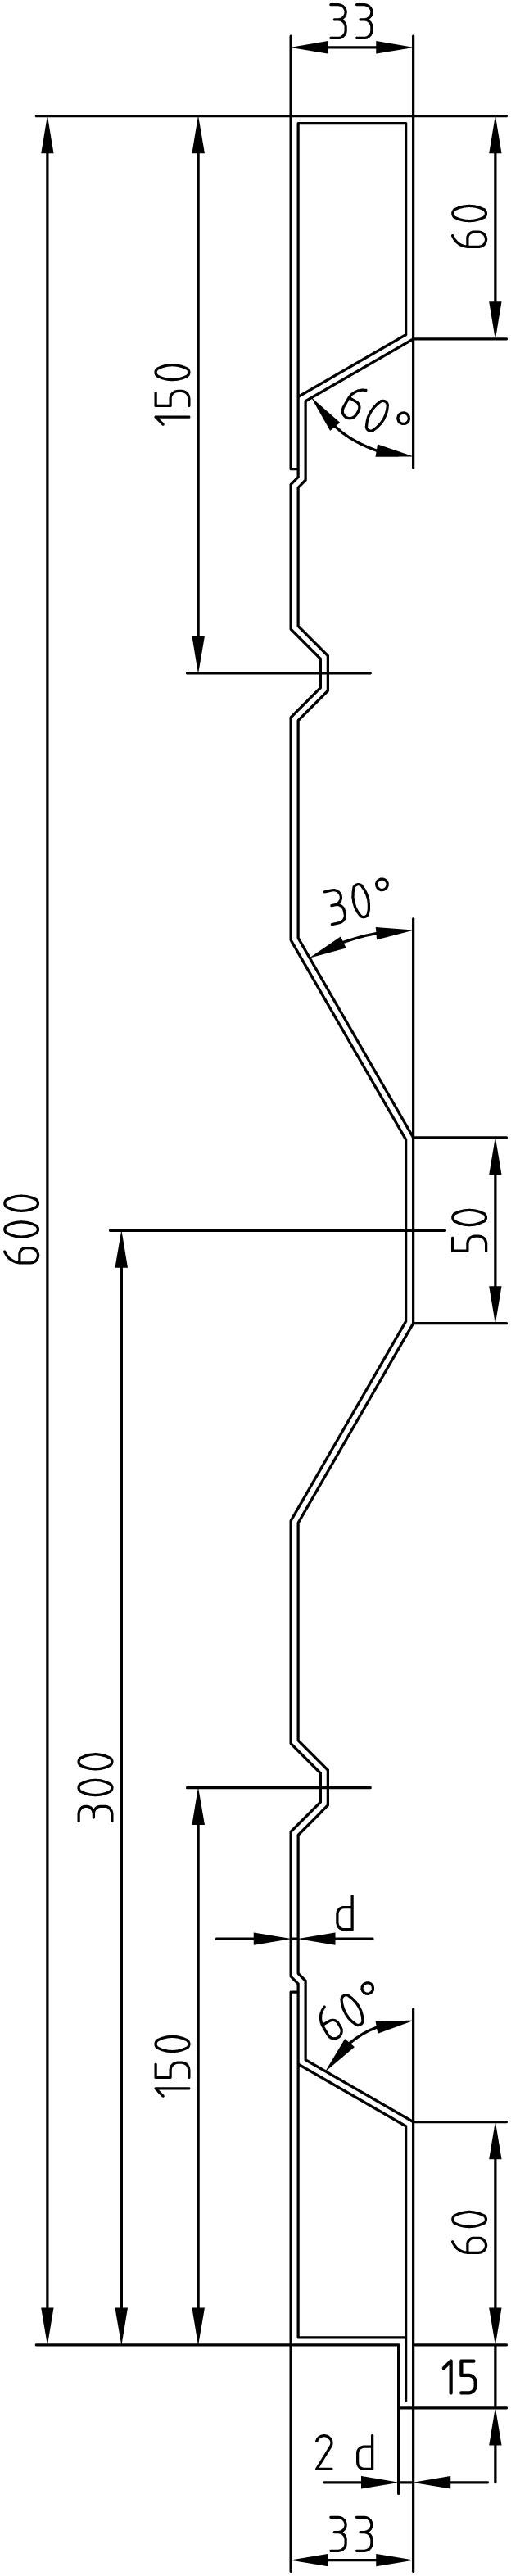 Brantner Kipper und Anhänger - NmE HVN 600x2 2131 Winkel NP 40/20/5